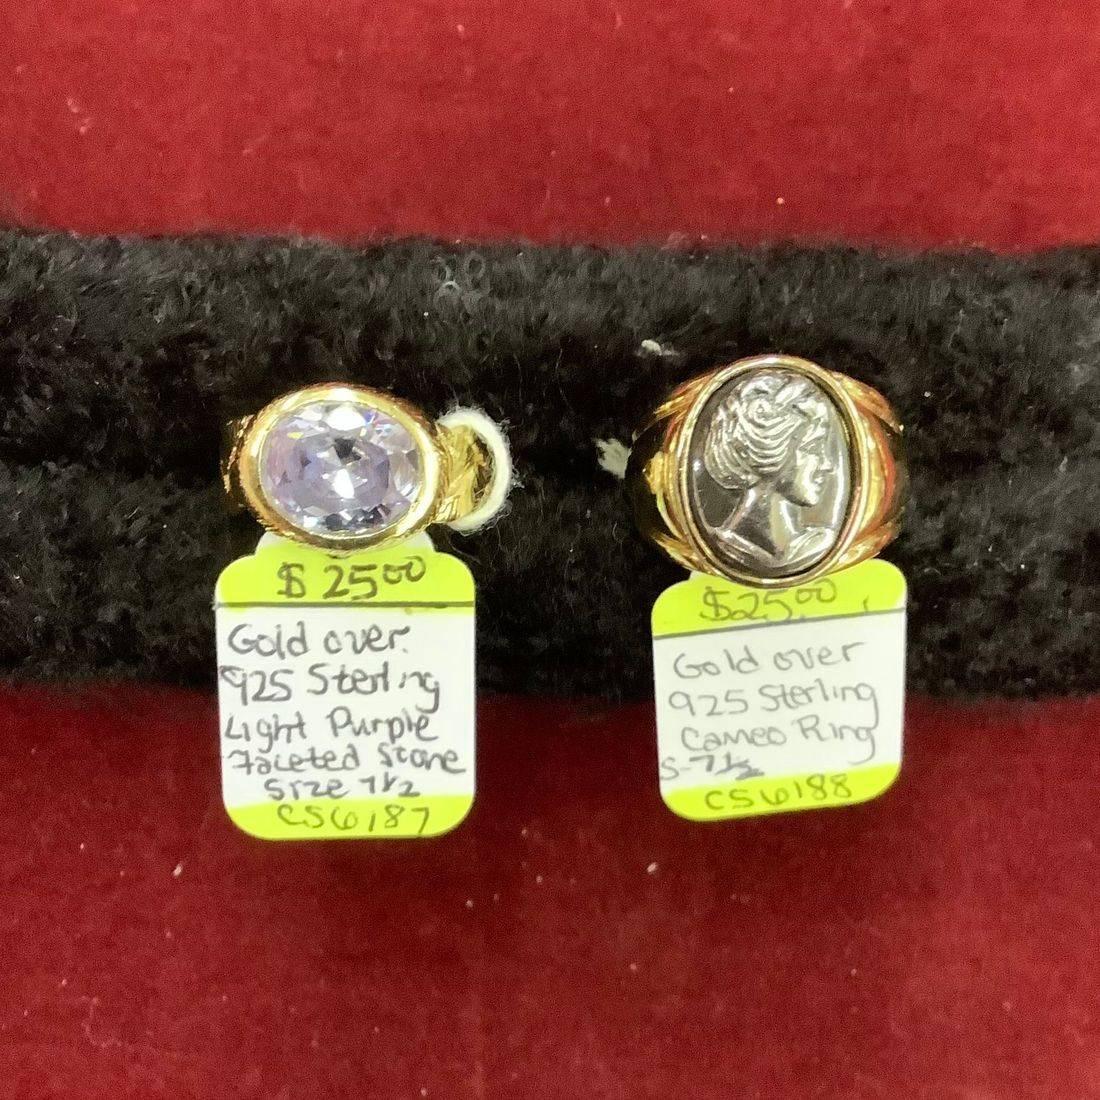 Gold over Sterling Light Purple Faceted Gem Stone size 7-1/2 Ring $25 , Gold over Sterling Cameo size 7-1/2 Ring $25